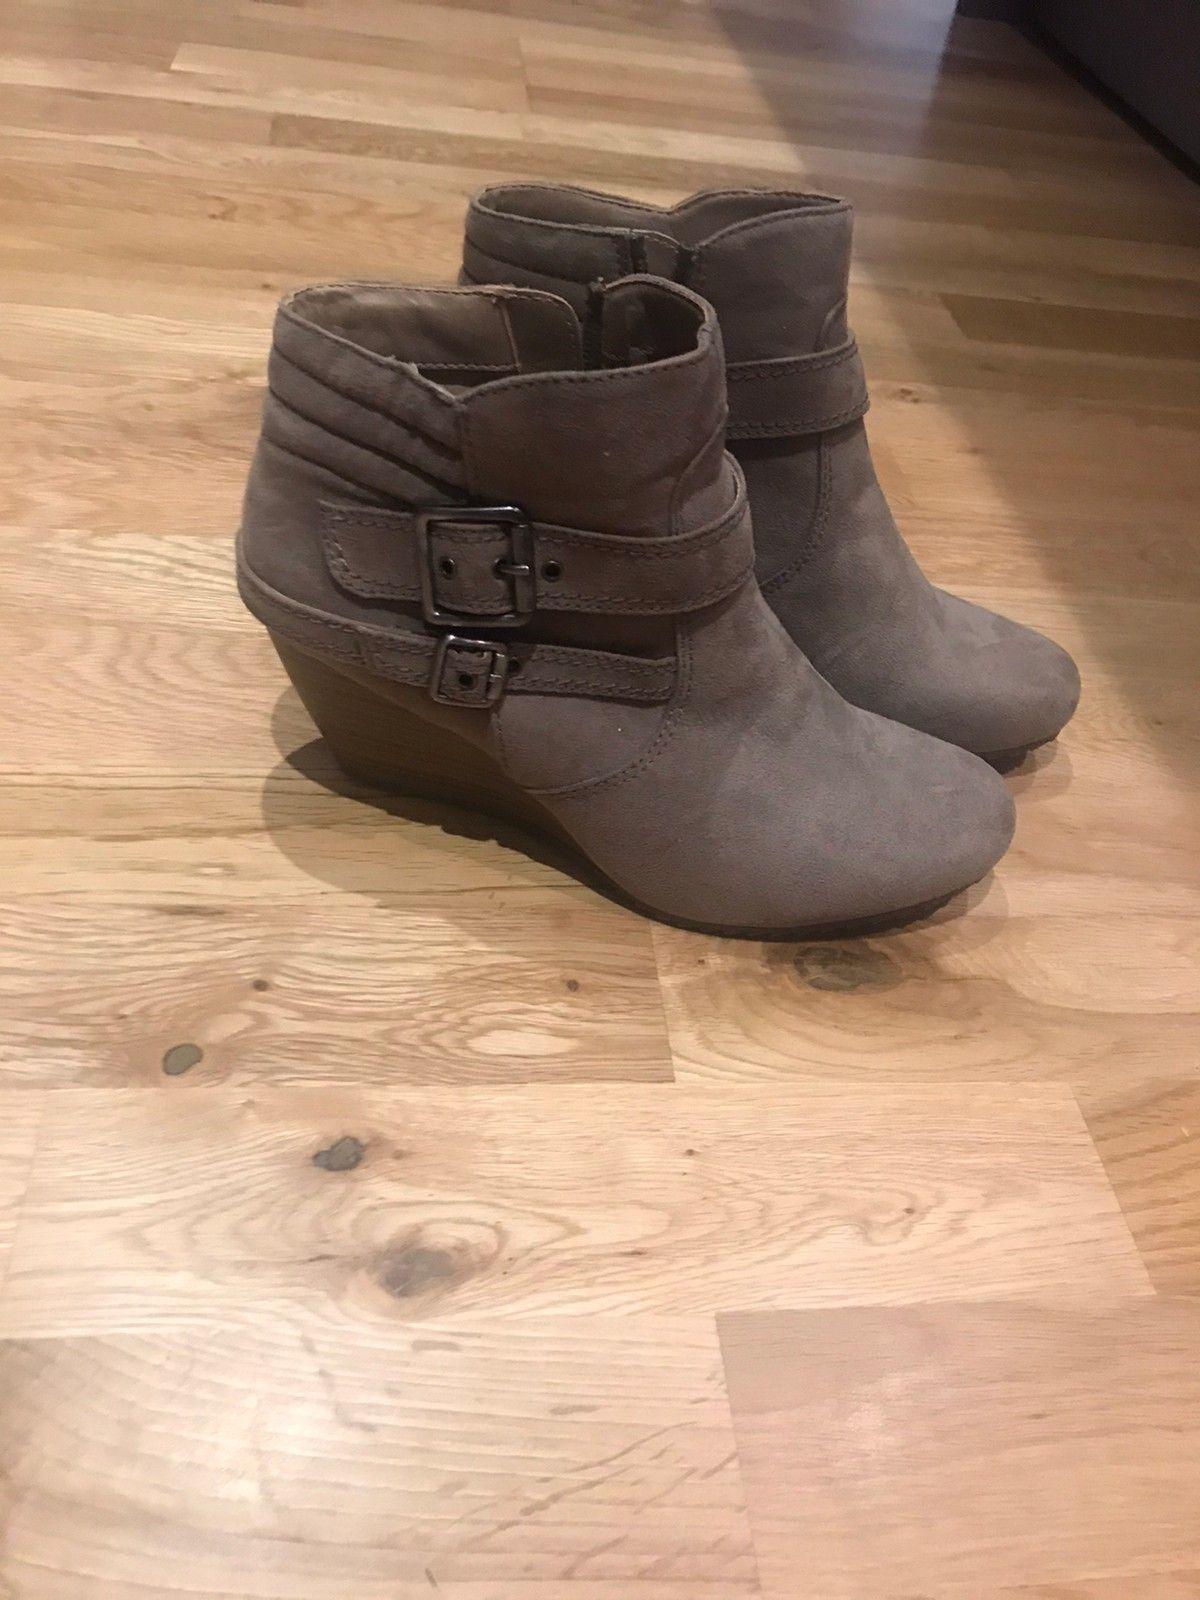 Ubruke sko selges | FINN.no